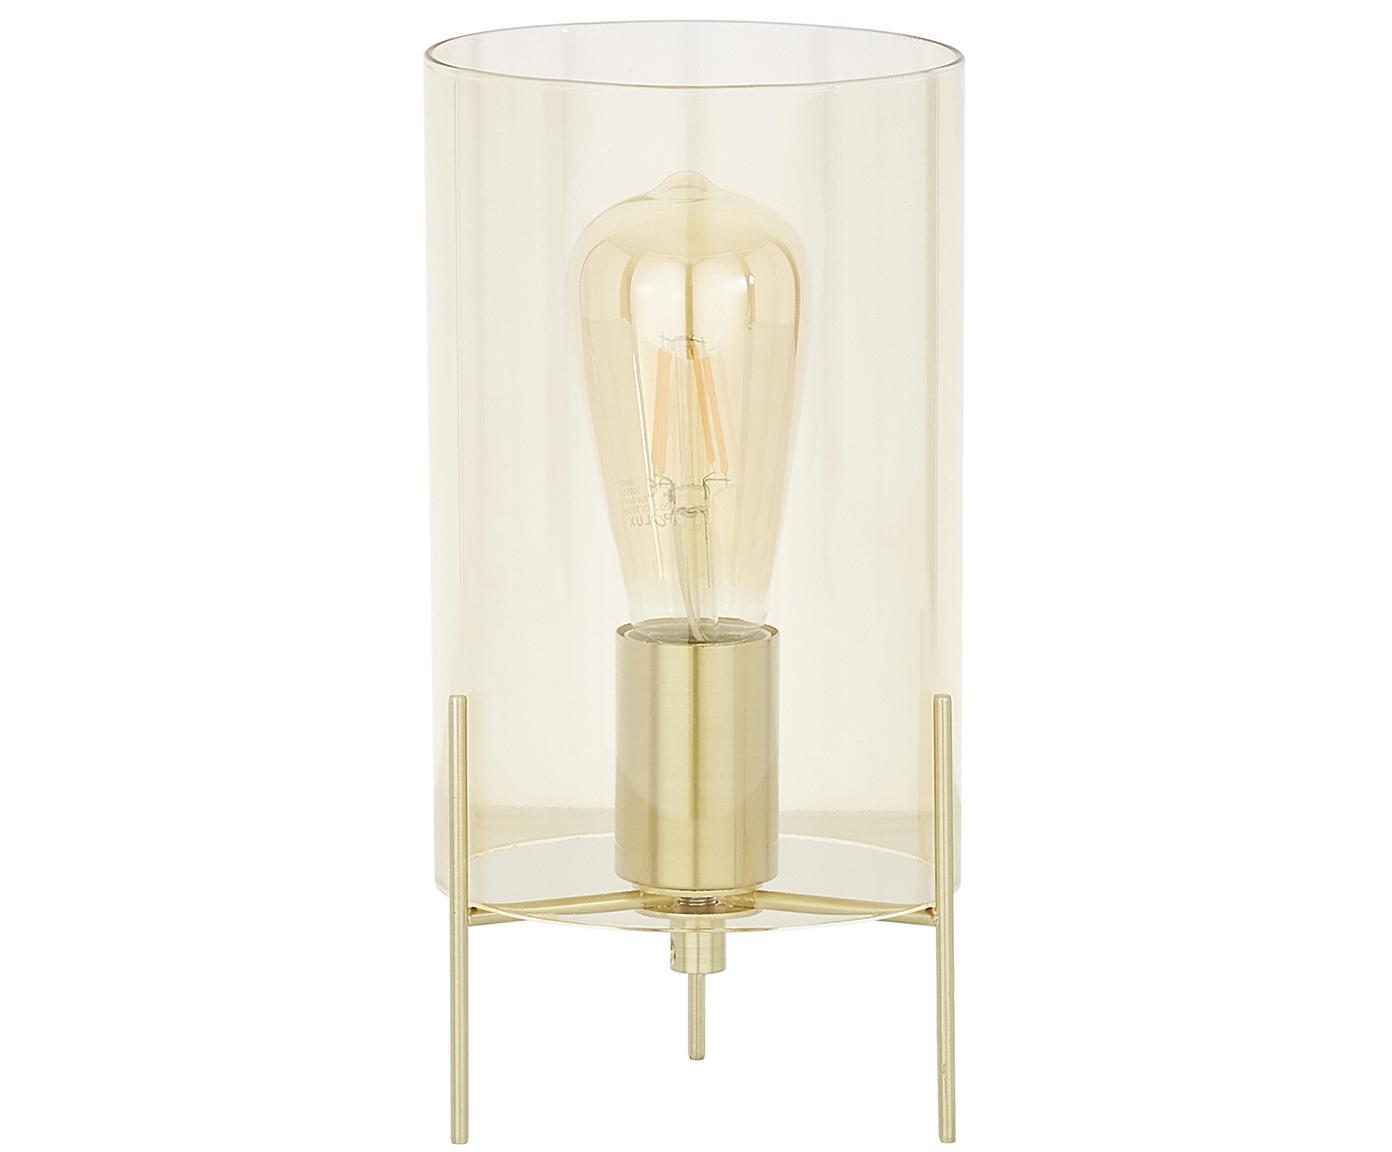 Lampada da tavolo Laurel, Base della lampada: metallo spazzolato, Paralume: vetro, Paralume: ambra Base della lampada: ottonato Cavo: trasparente, Ø 14 x Alt. 28 cm